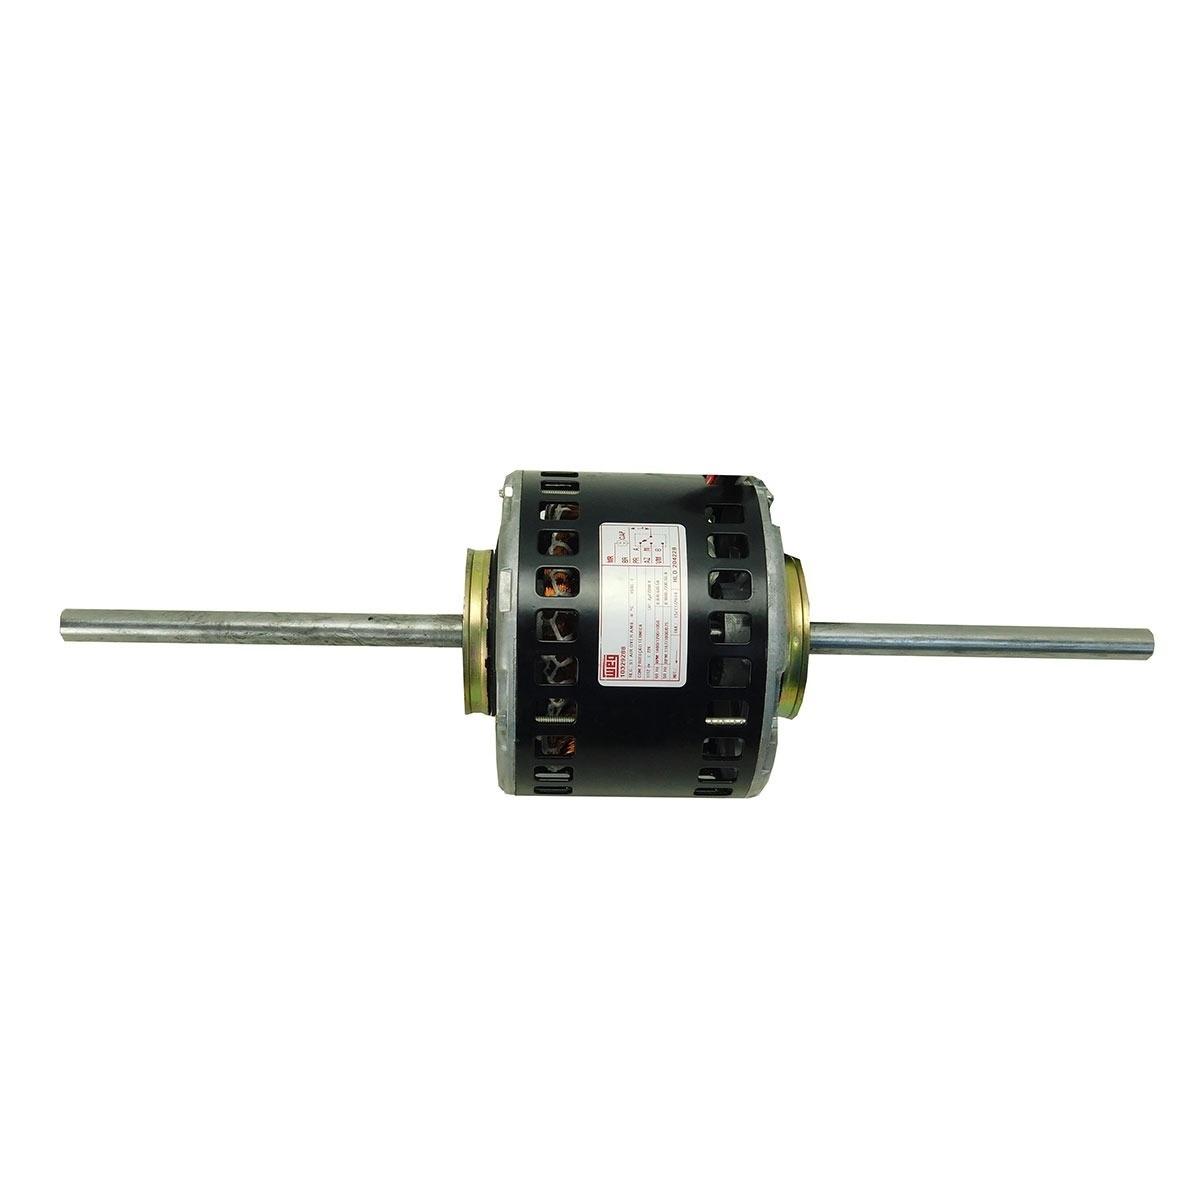 Motor Ventilador Ar Condicionado Springer Carrier Midea 25901121